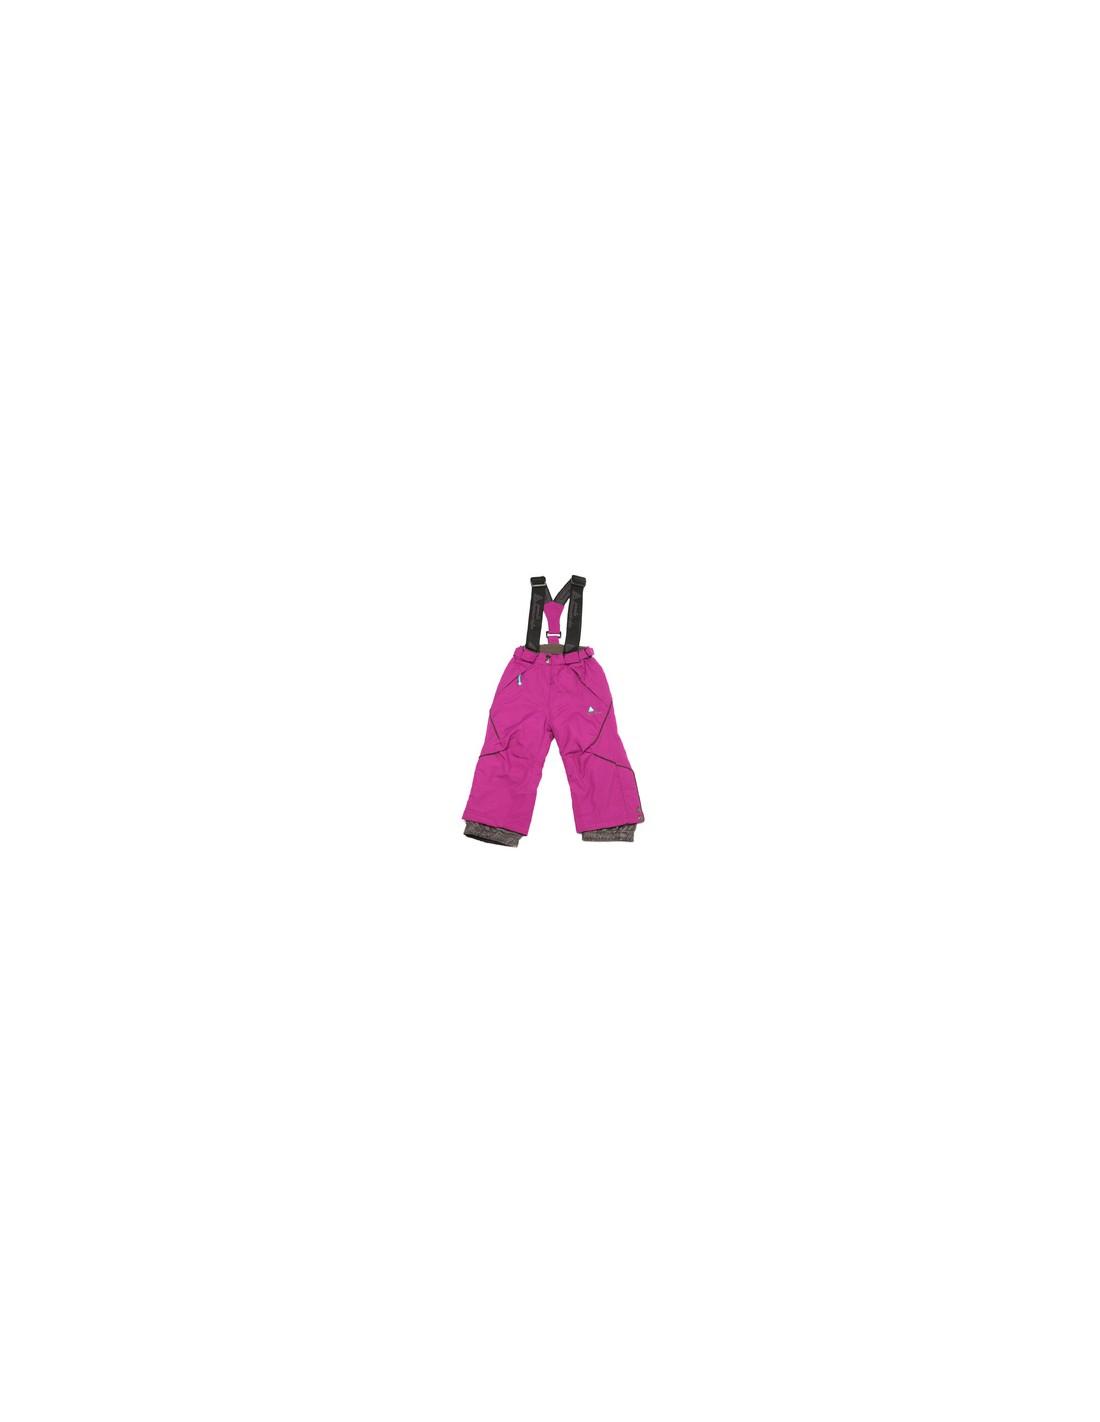 Doudoune Skiwear Fille GANNECY DS c4b79d3482d